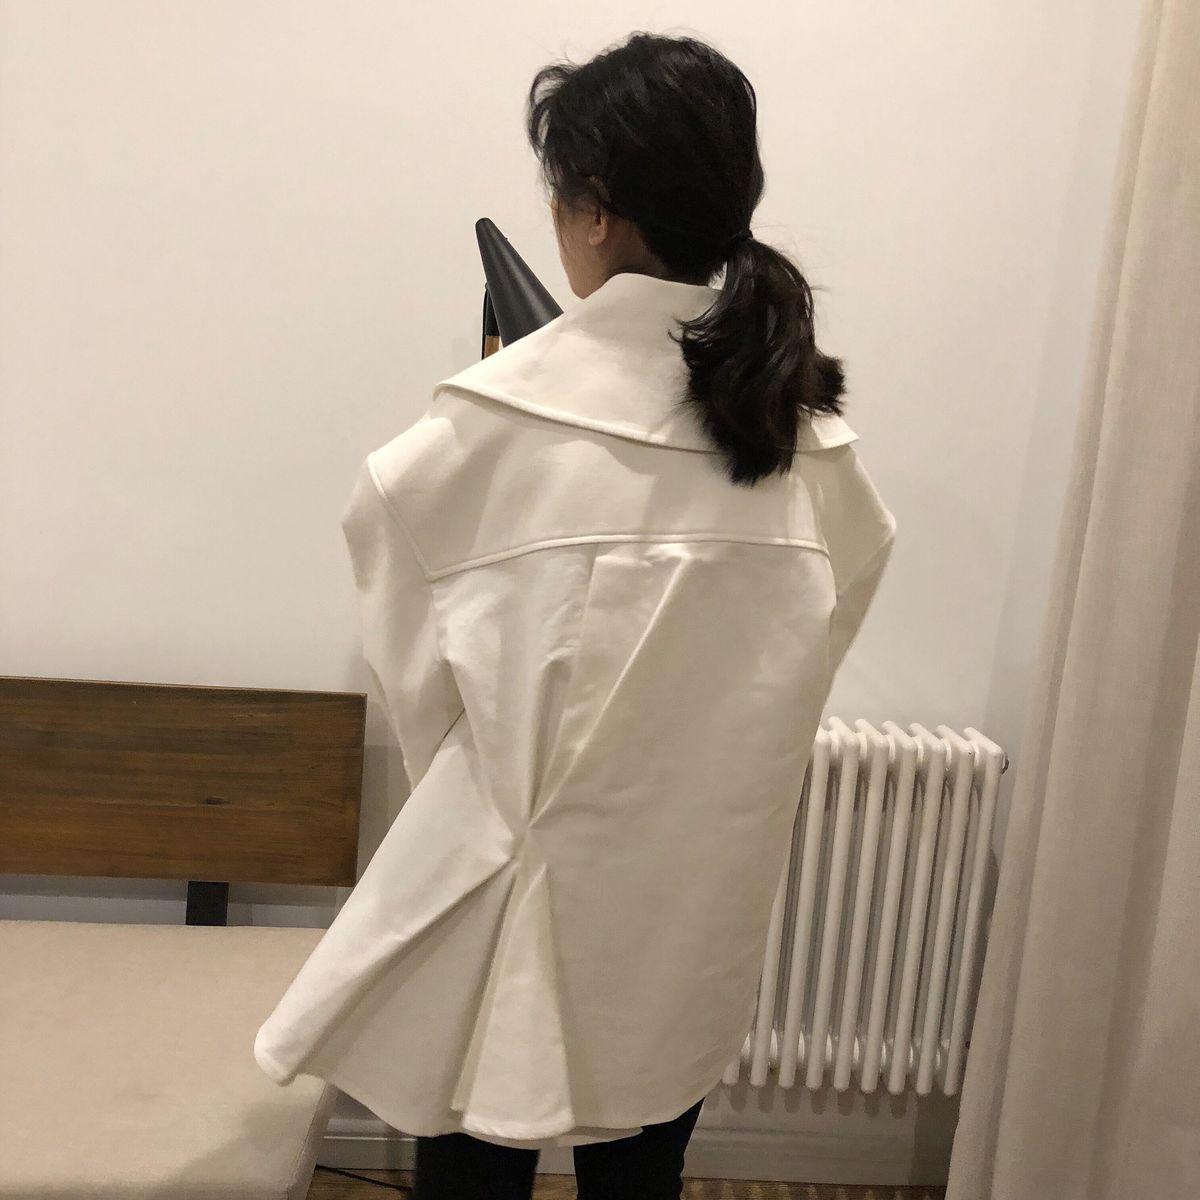 Collar Lâche De Unique Automne Big Mode down Arrivée Manteau Casual Nouvelle Lady Poches Fold Poitrine Femmes Kb423 Turn 2018 White qlzw c71nPP